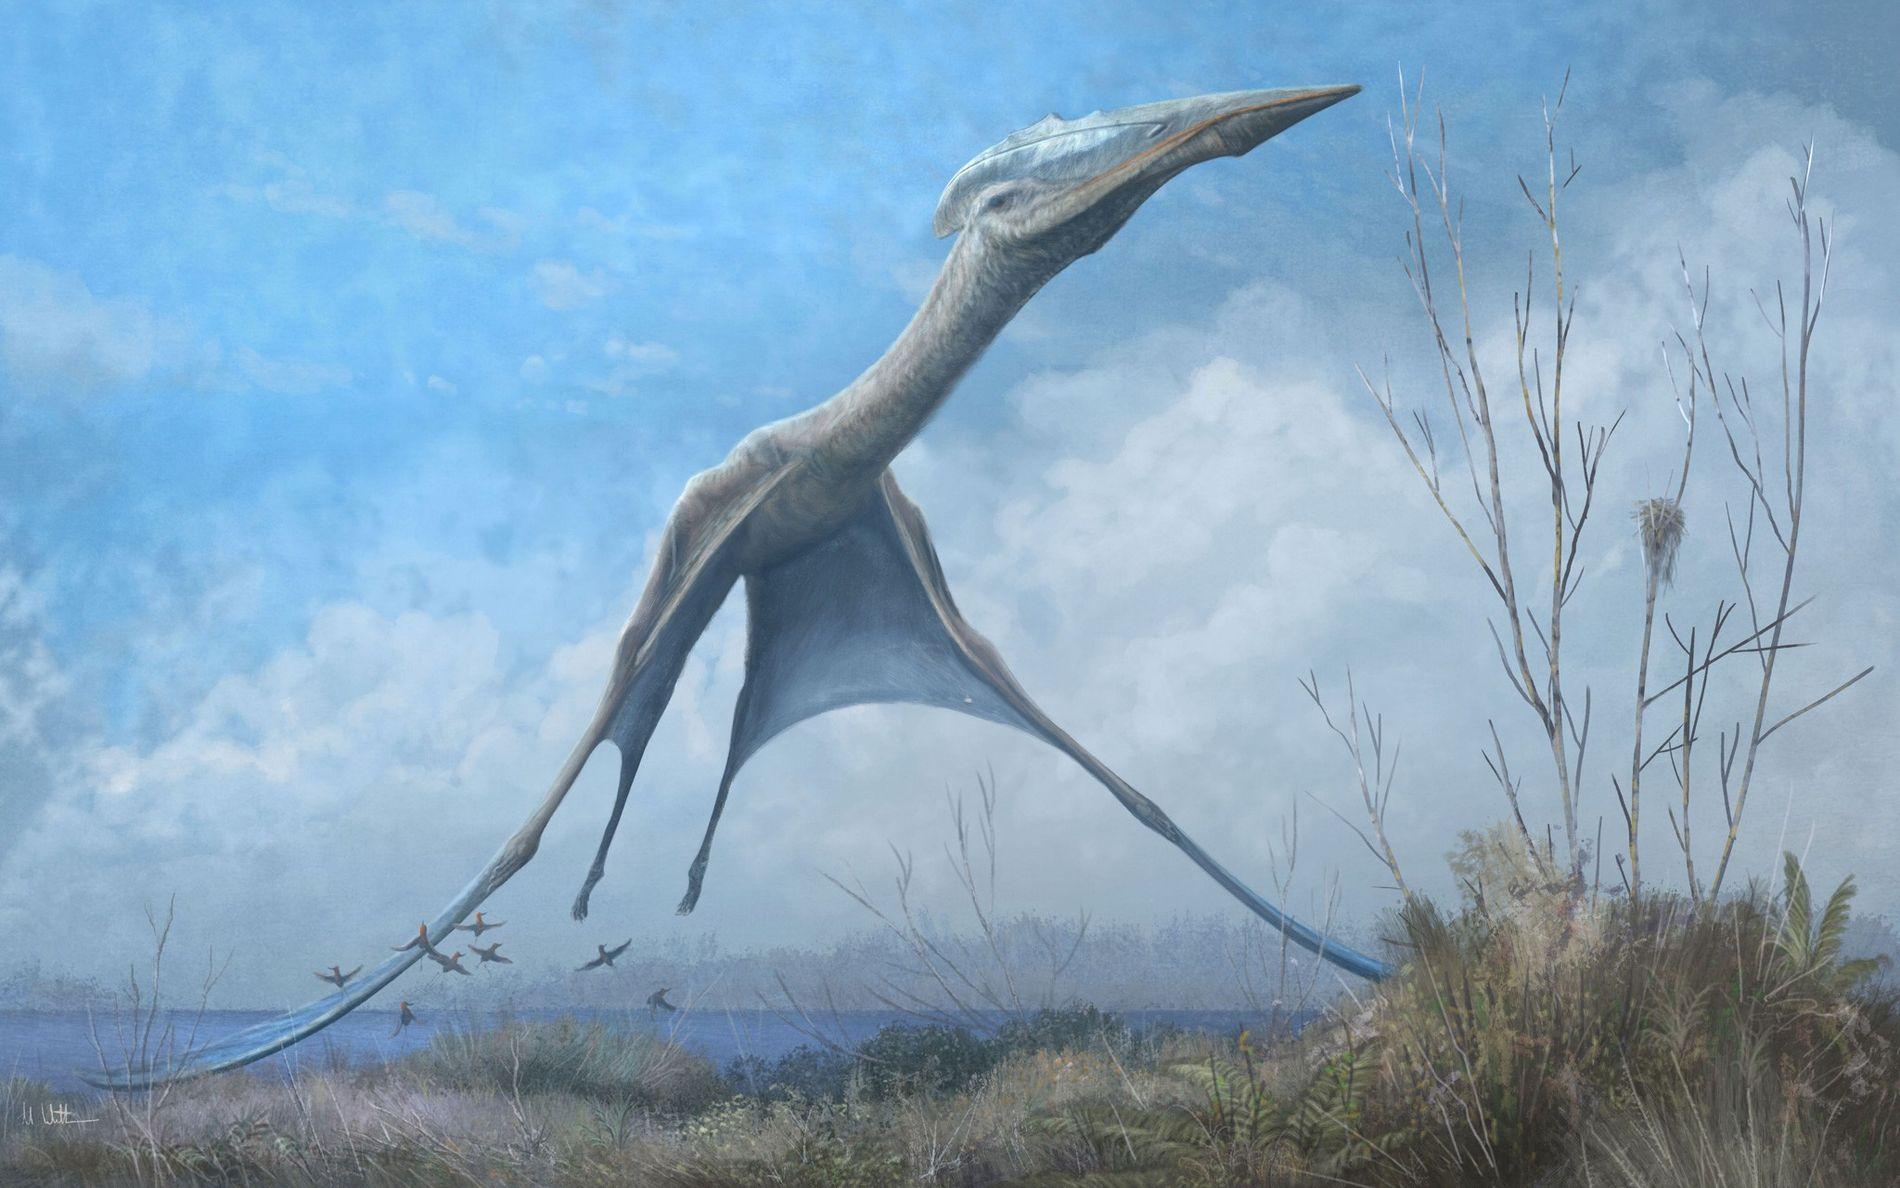 Um pterossauro azhdarchid sobrevôa a atual Romênia em uma ilustração. Fósseis encontrados entre os escombros do Museu Nacional revelam que os répteis voadores deste mesmo grupo também reinavam sobre a Antártida durante o Cretáceo Superior.